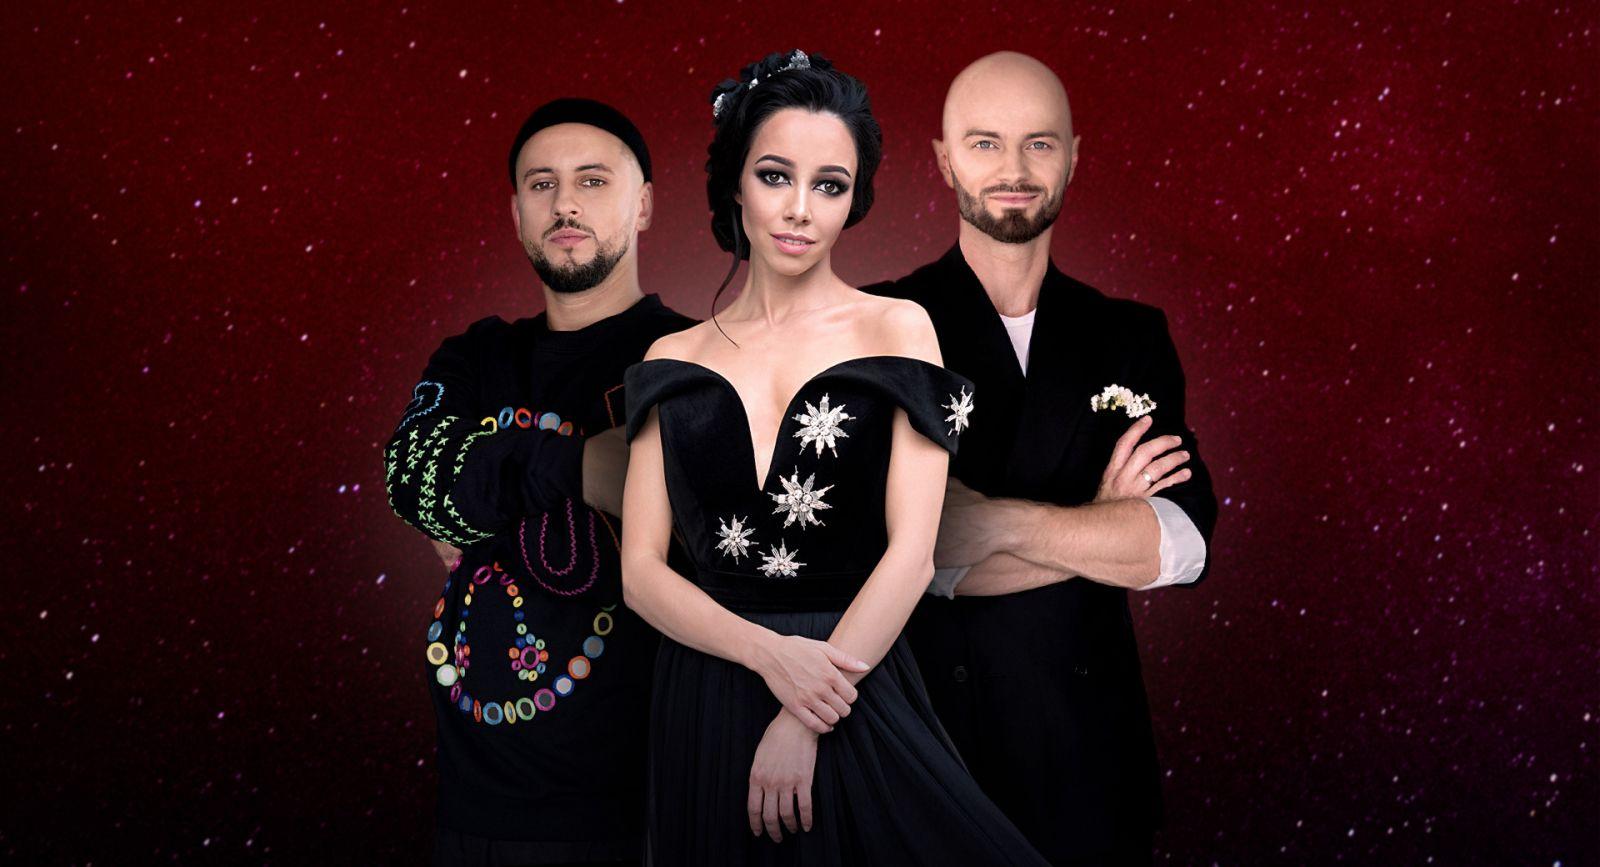 Танцы со звездами: известен полный судейский состав проекта